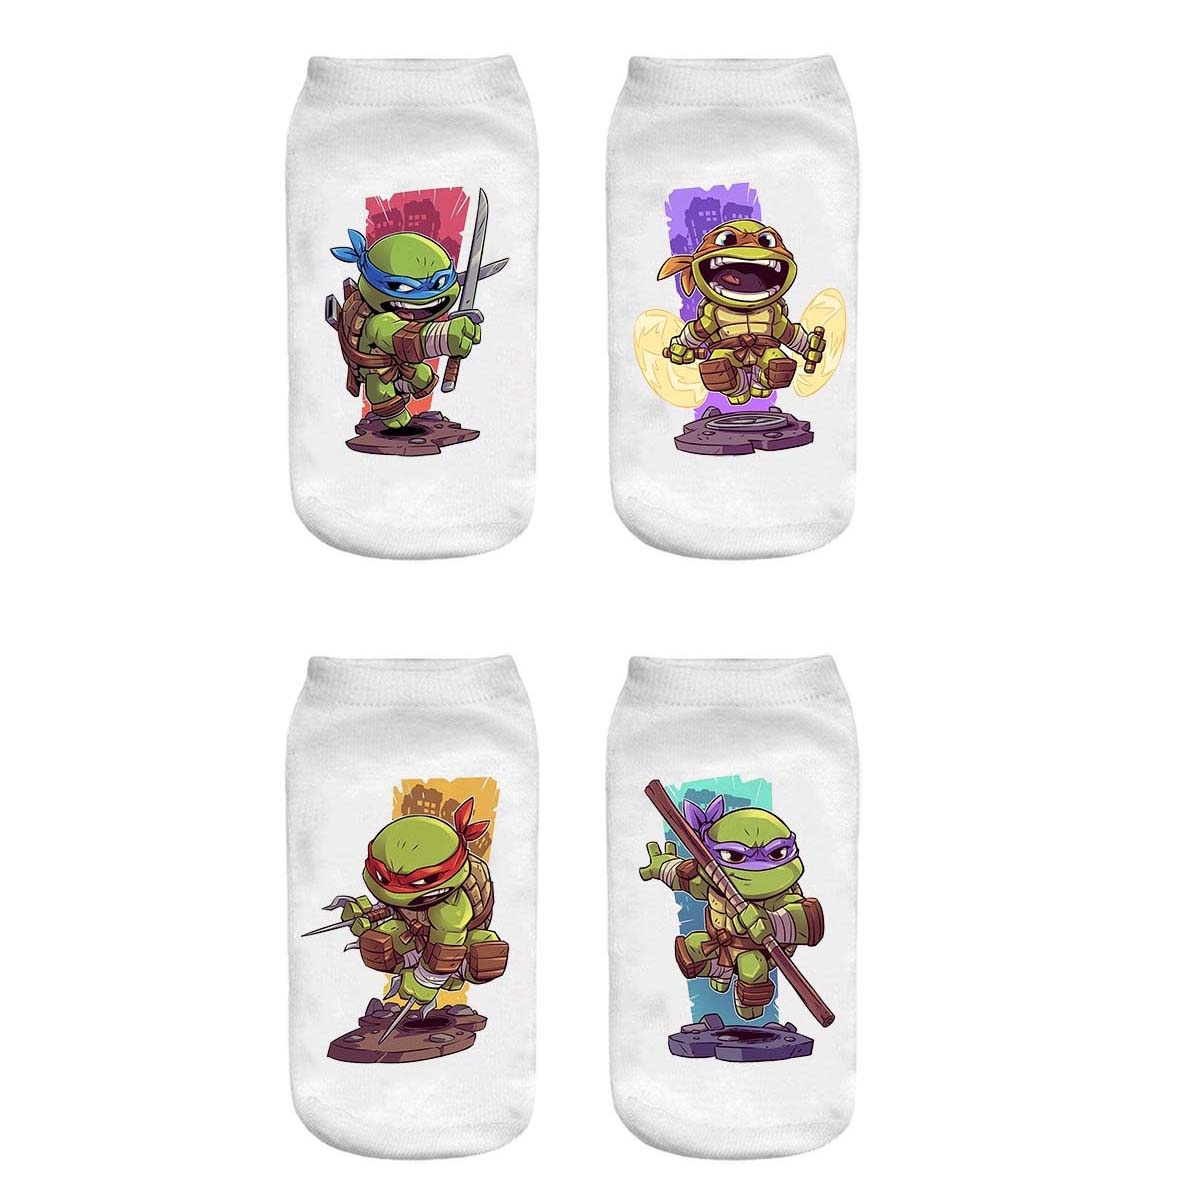 جوراب پسرانه طرح Ninja Turtles کد 10003 مجموعه  2 عددی